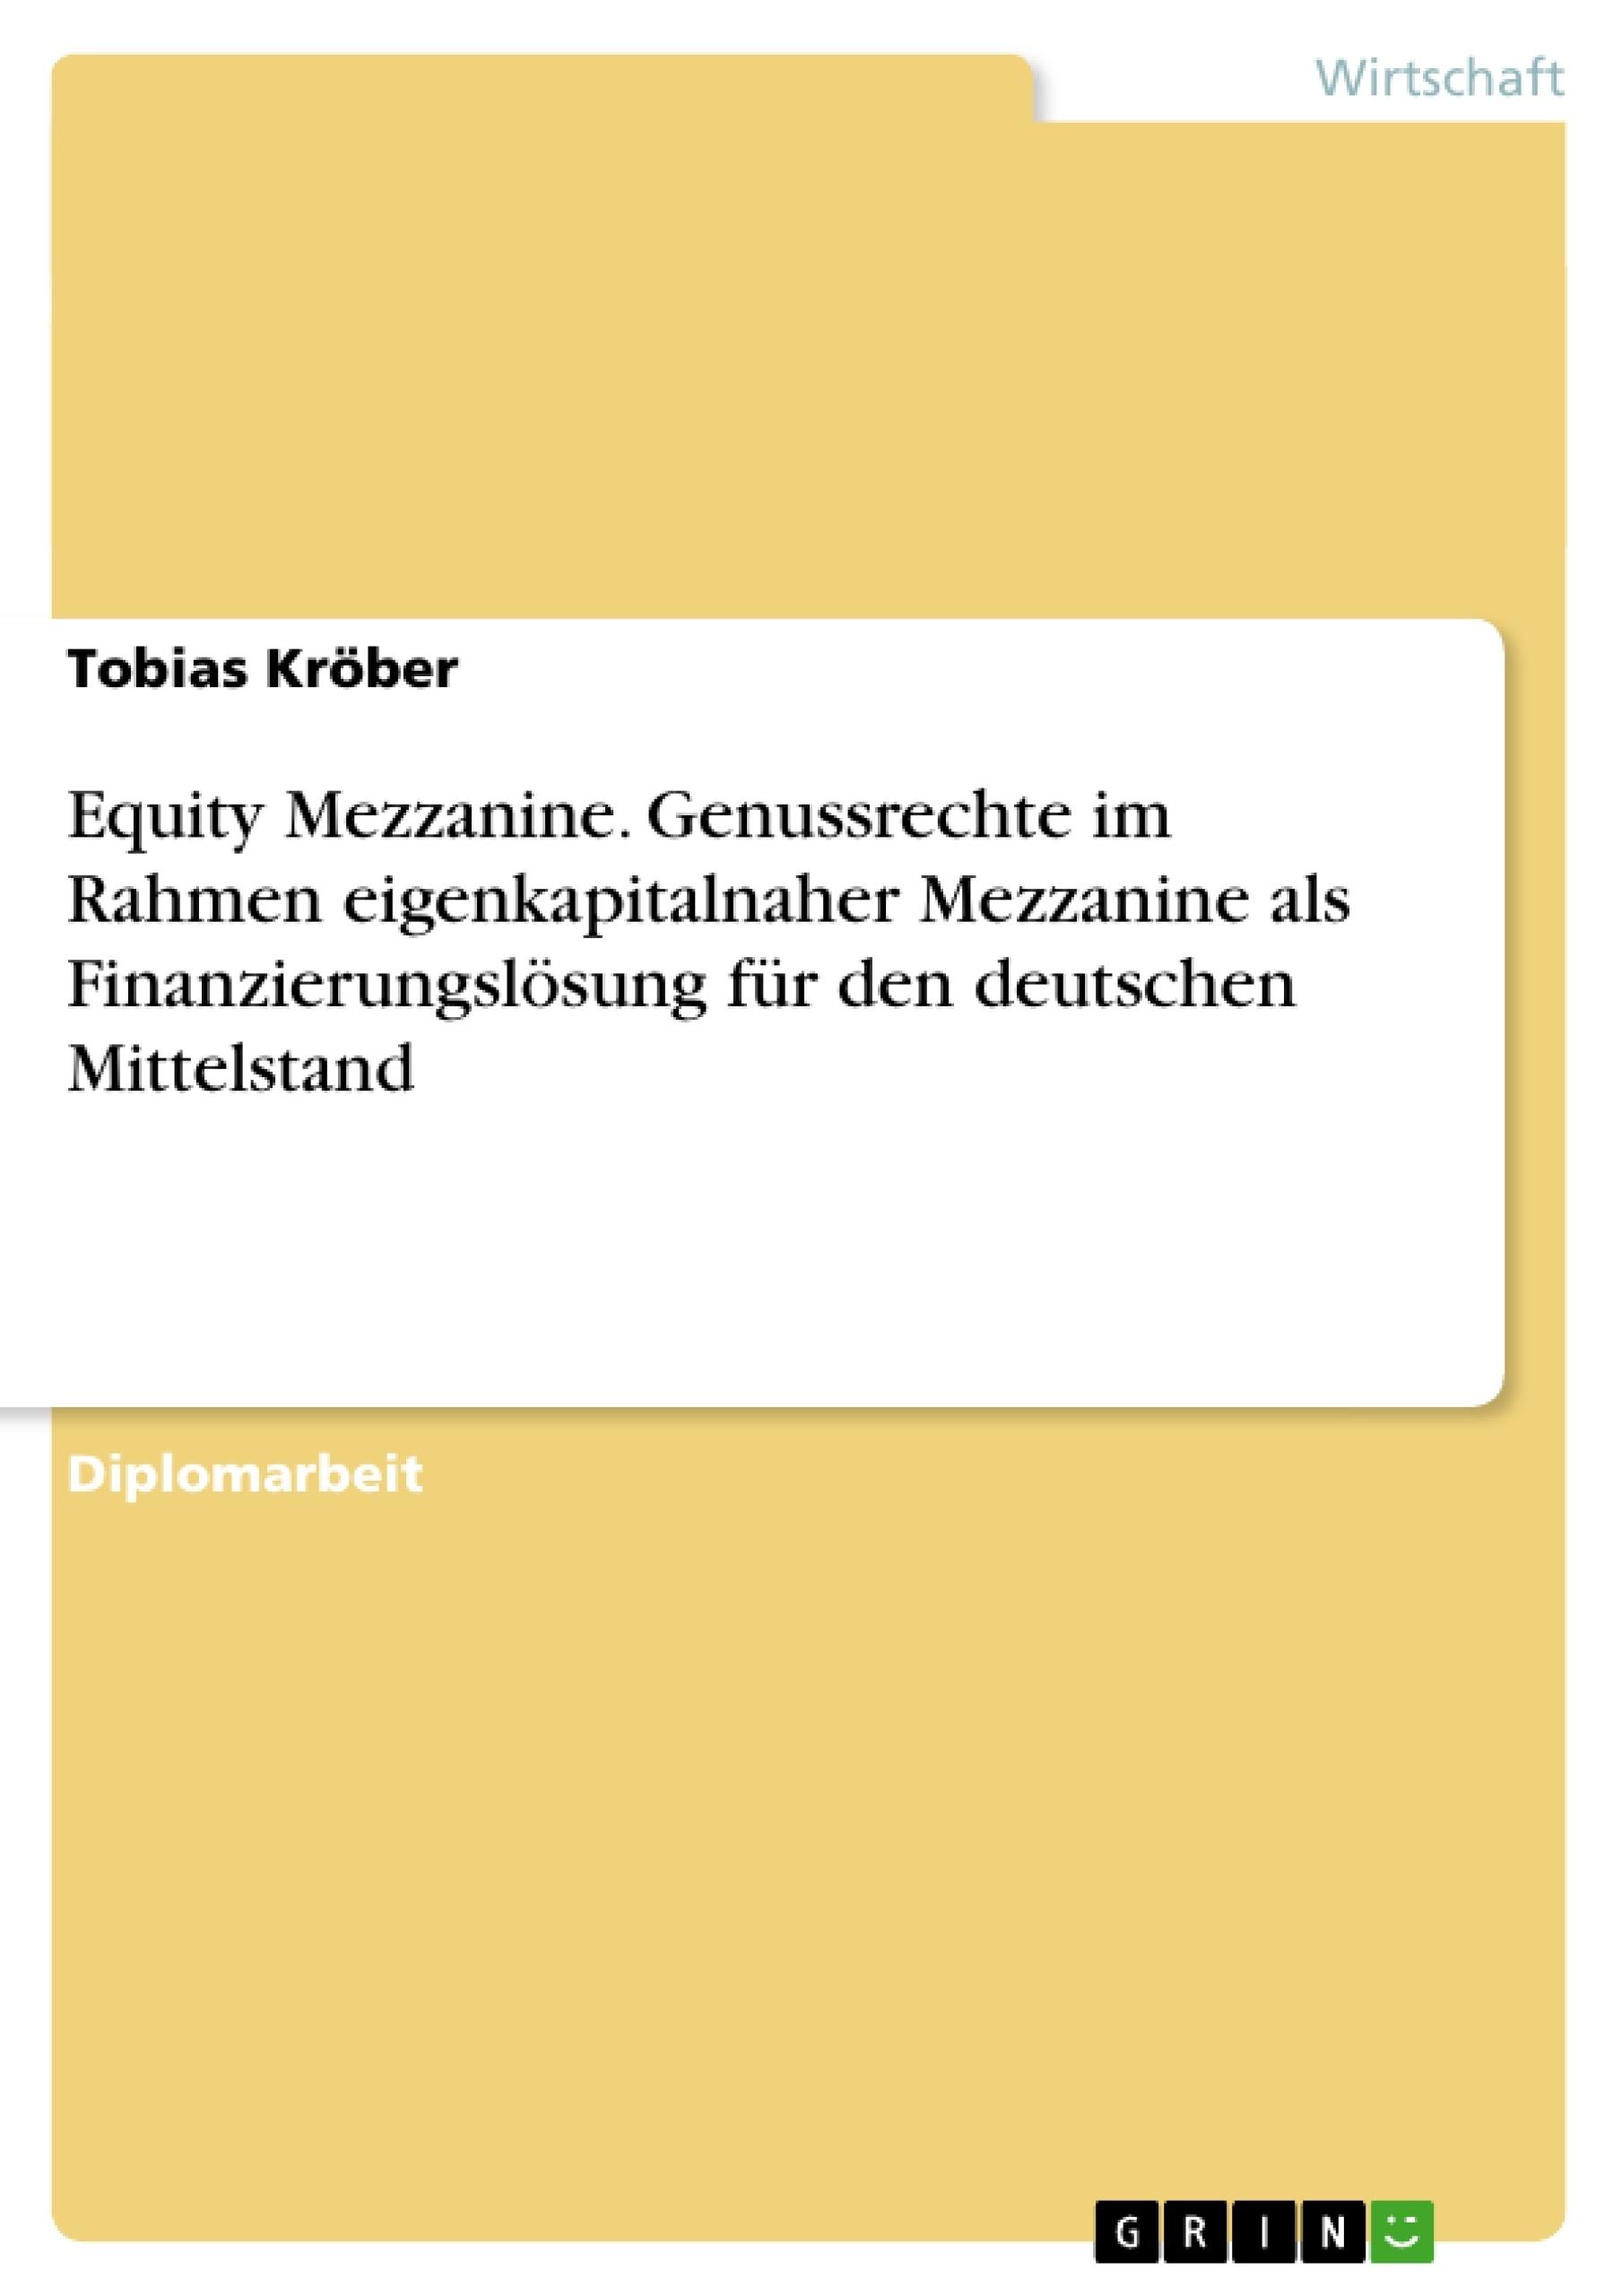 Titel: Equity Mezzanine. Genussrechte im Rahmen eigenkapitalnaher Mezzanine als Finanzierungslösung für den deutschen Mittelstand